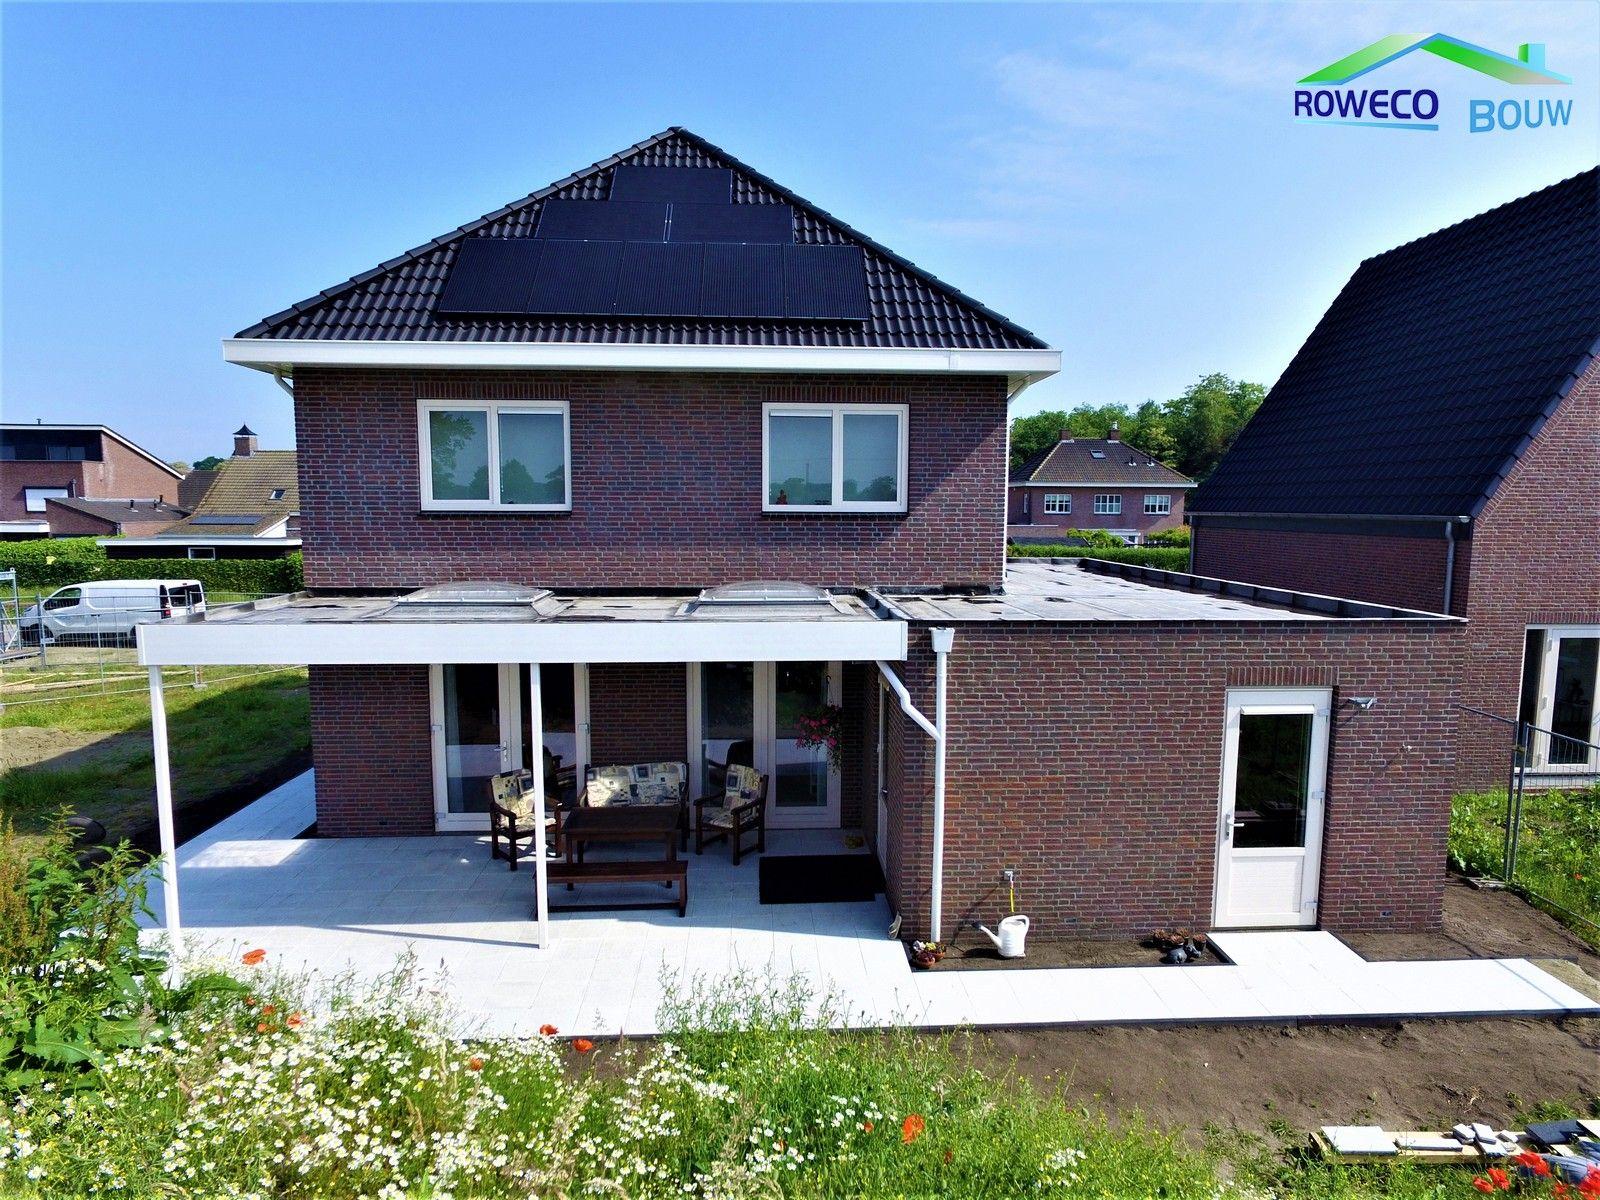 Goedkoop en snel een nieuw huis bouwen rowecobouw for Huis bouwen stappen